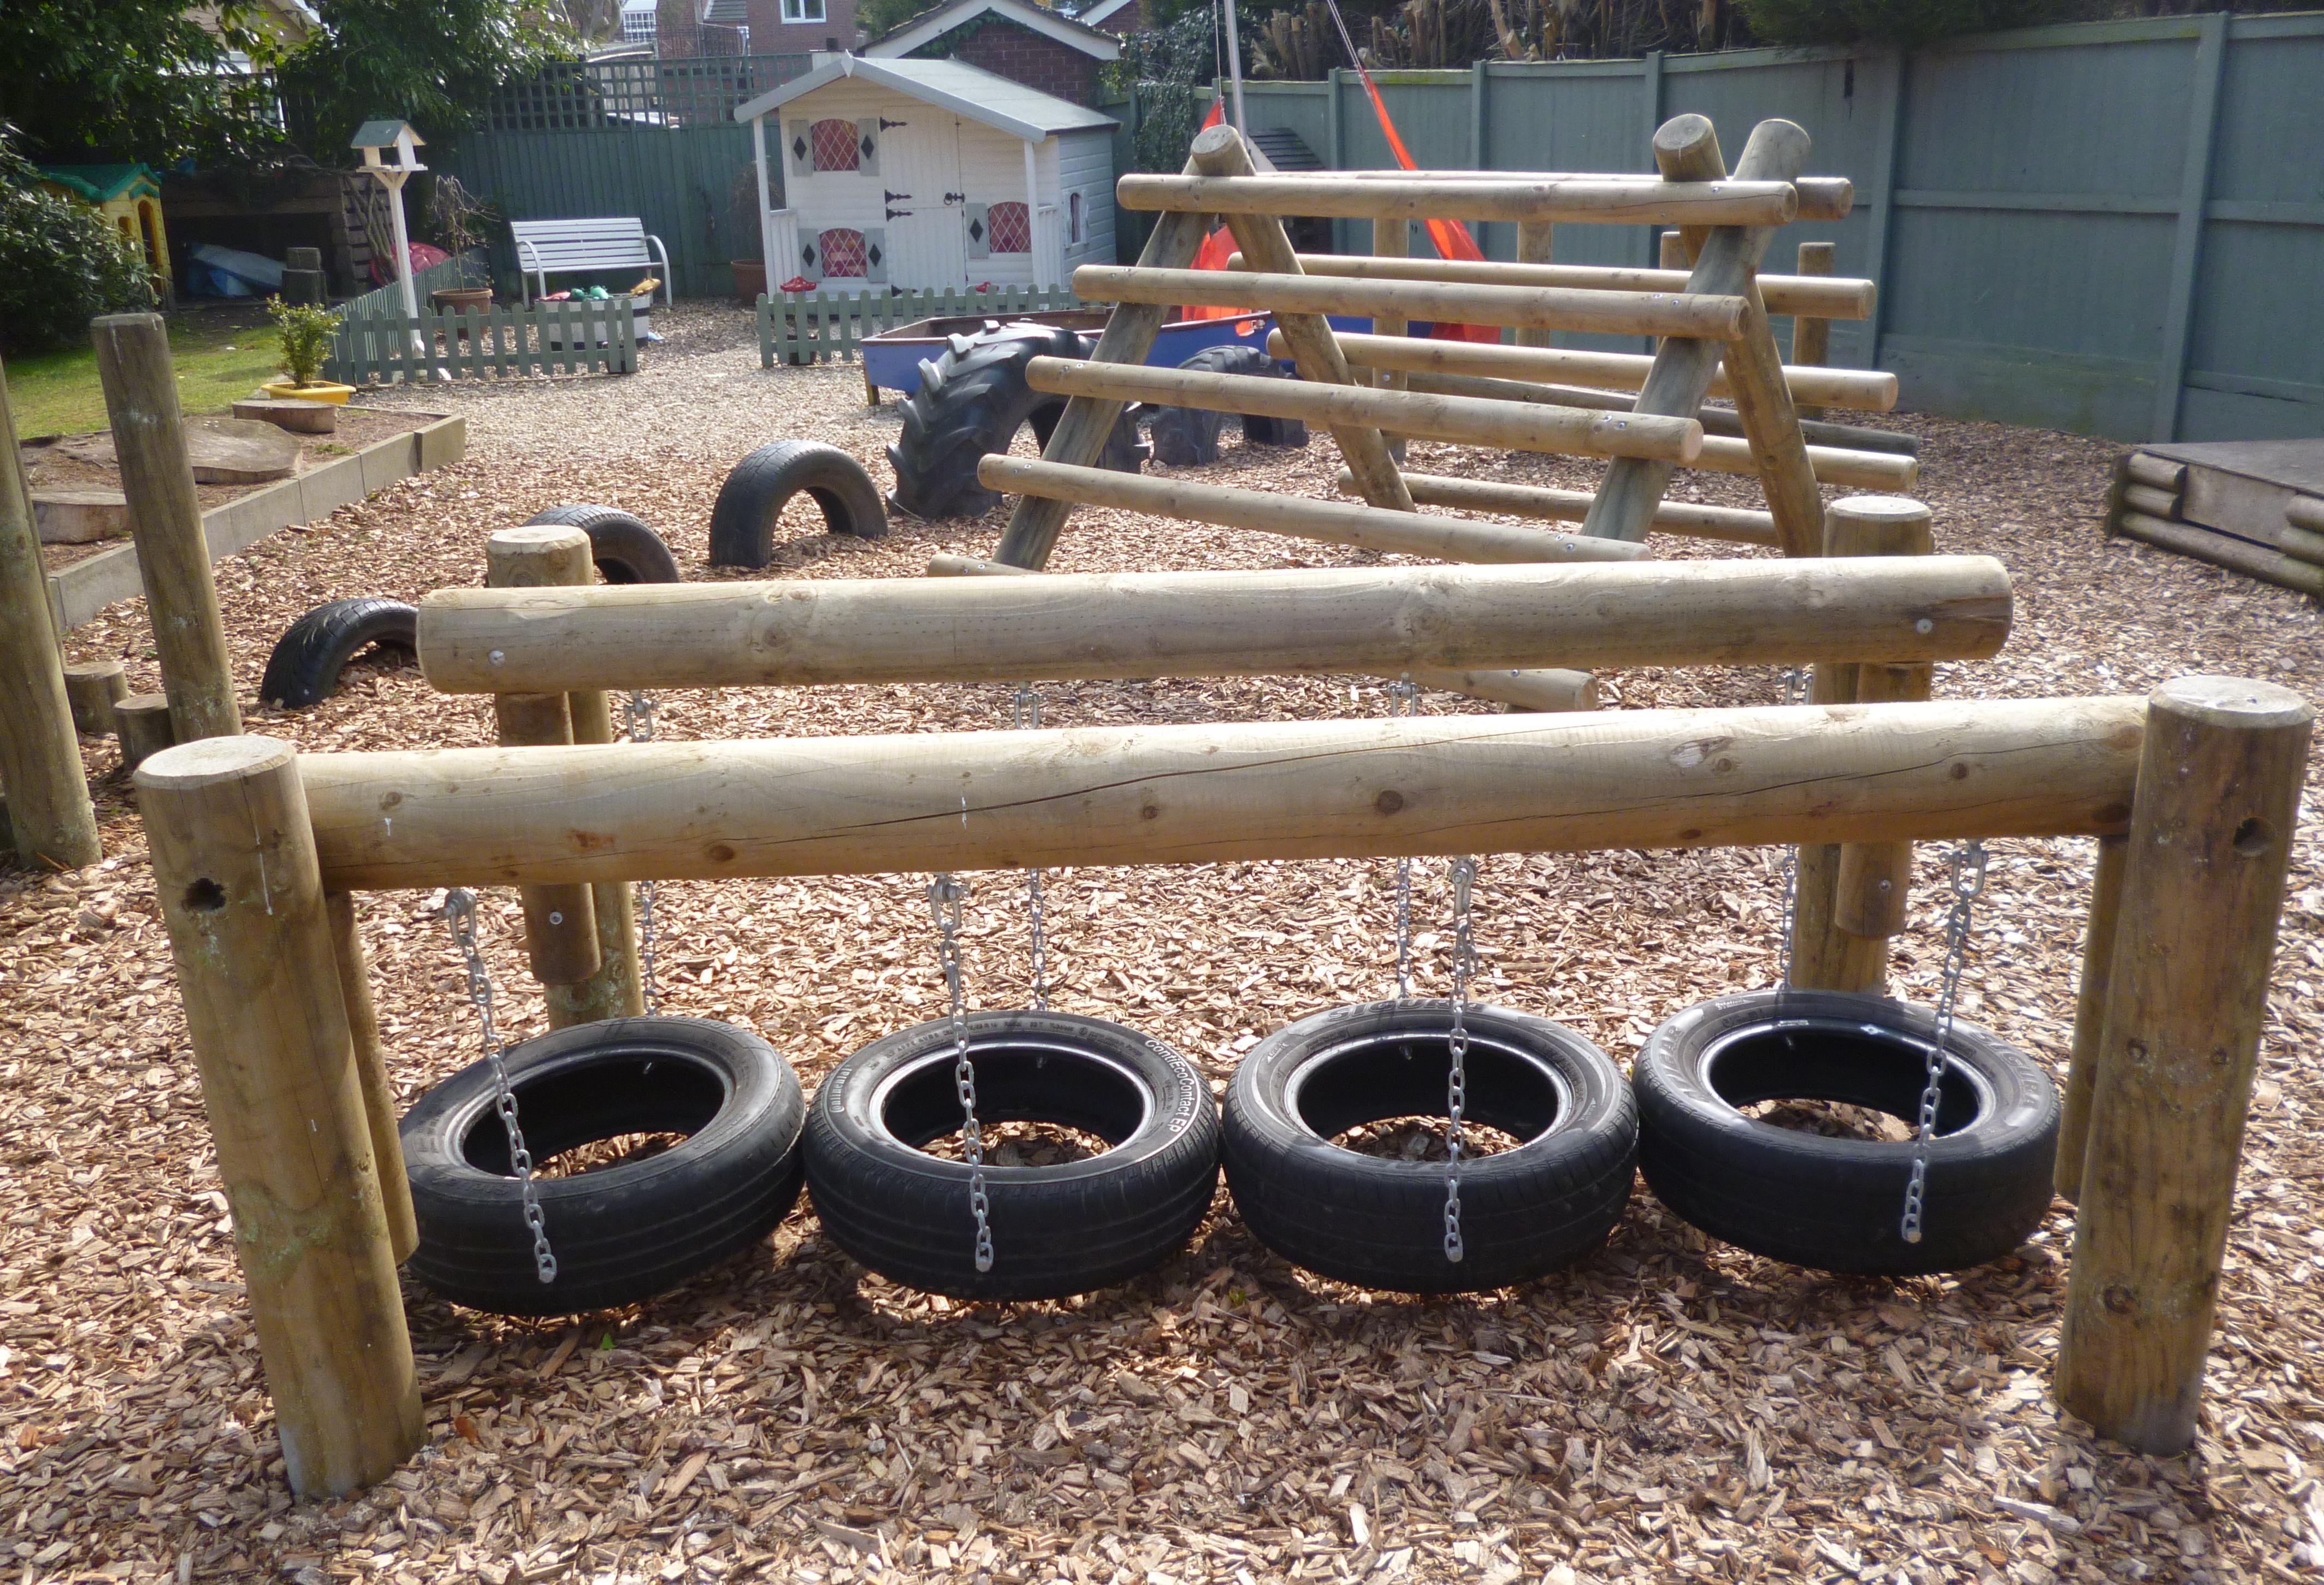 Abenteuerspielplatz f r kinder zum spielen im freien for Le jardin urbain garderie